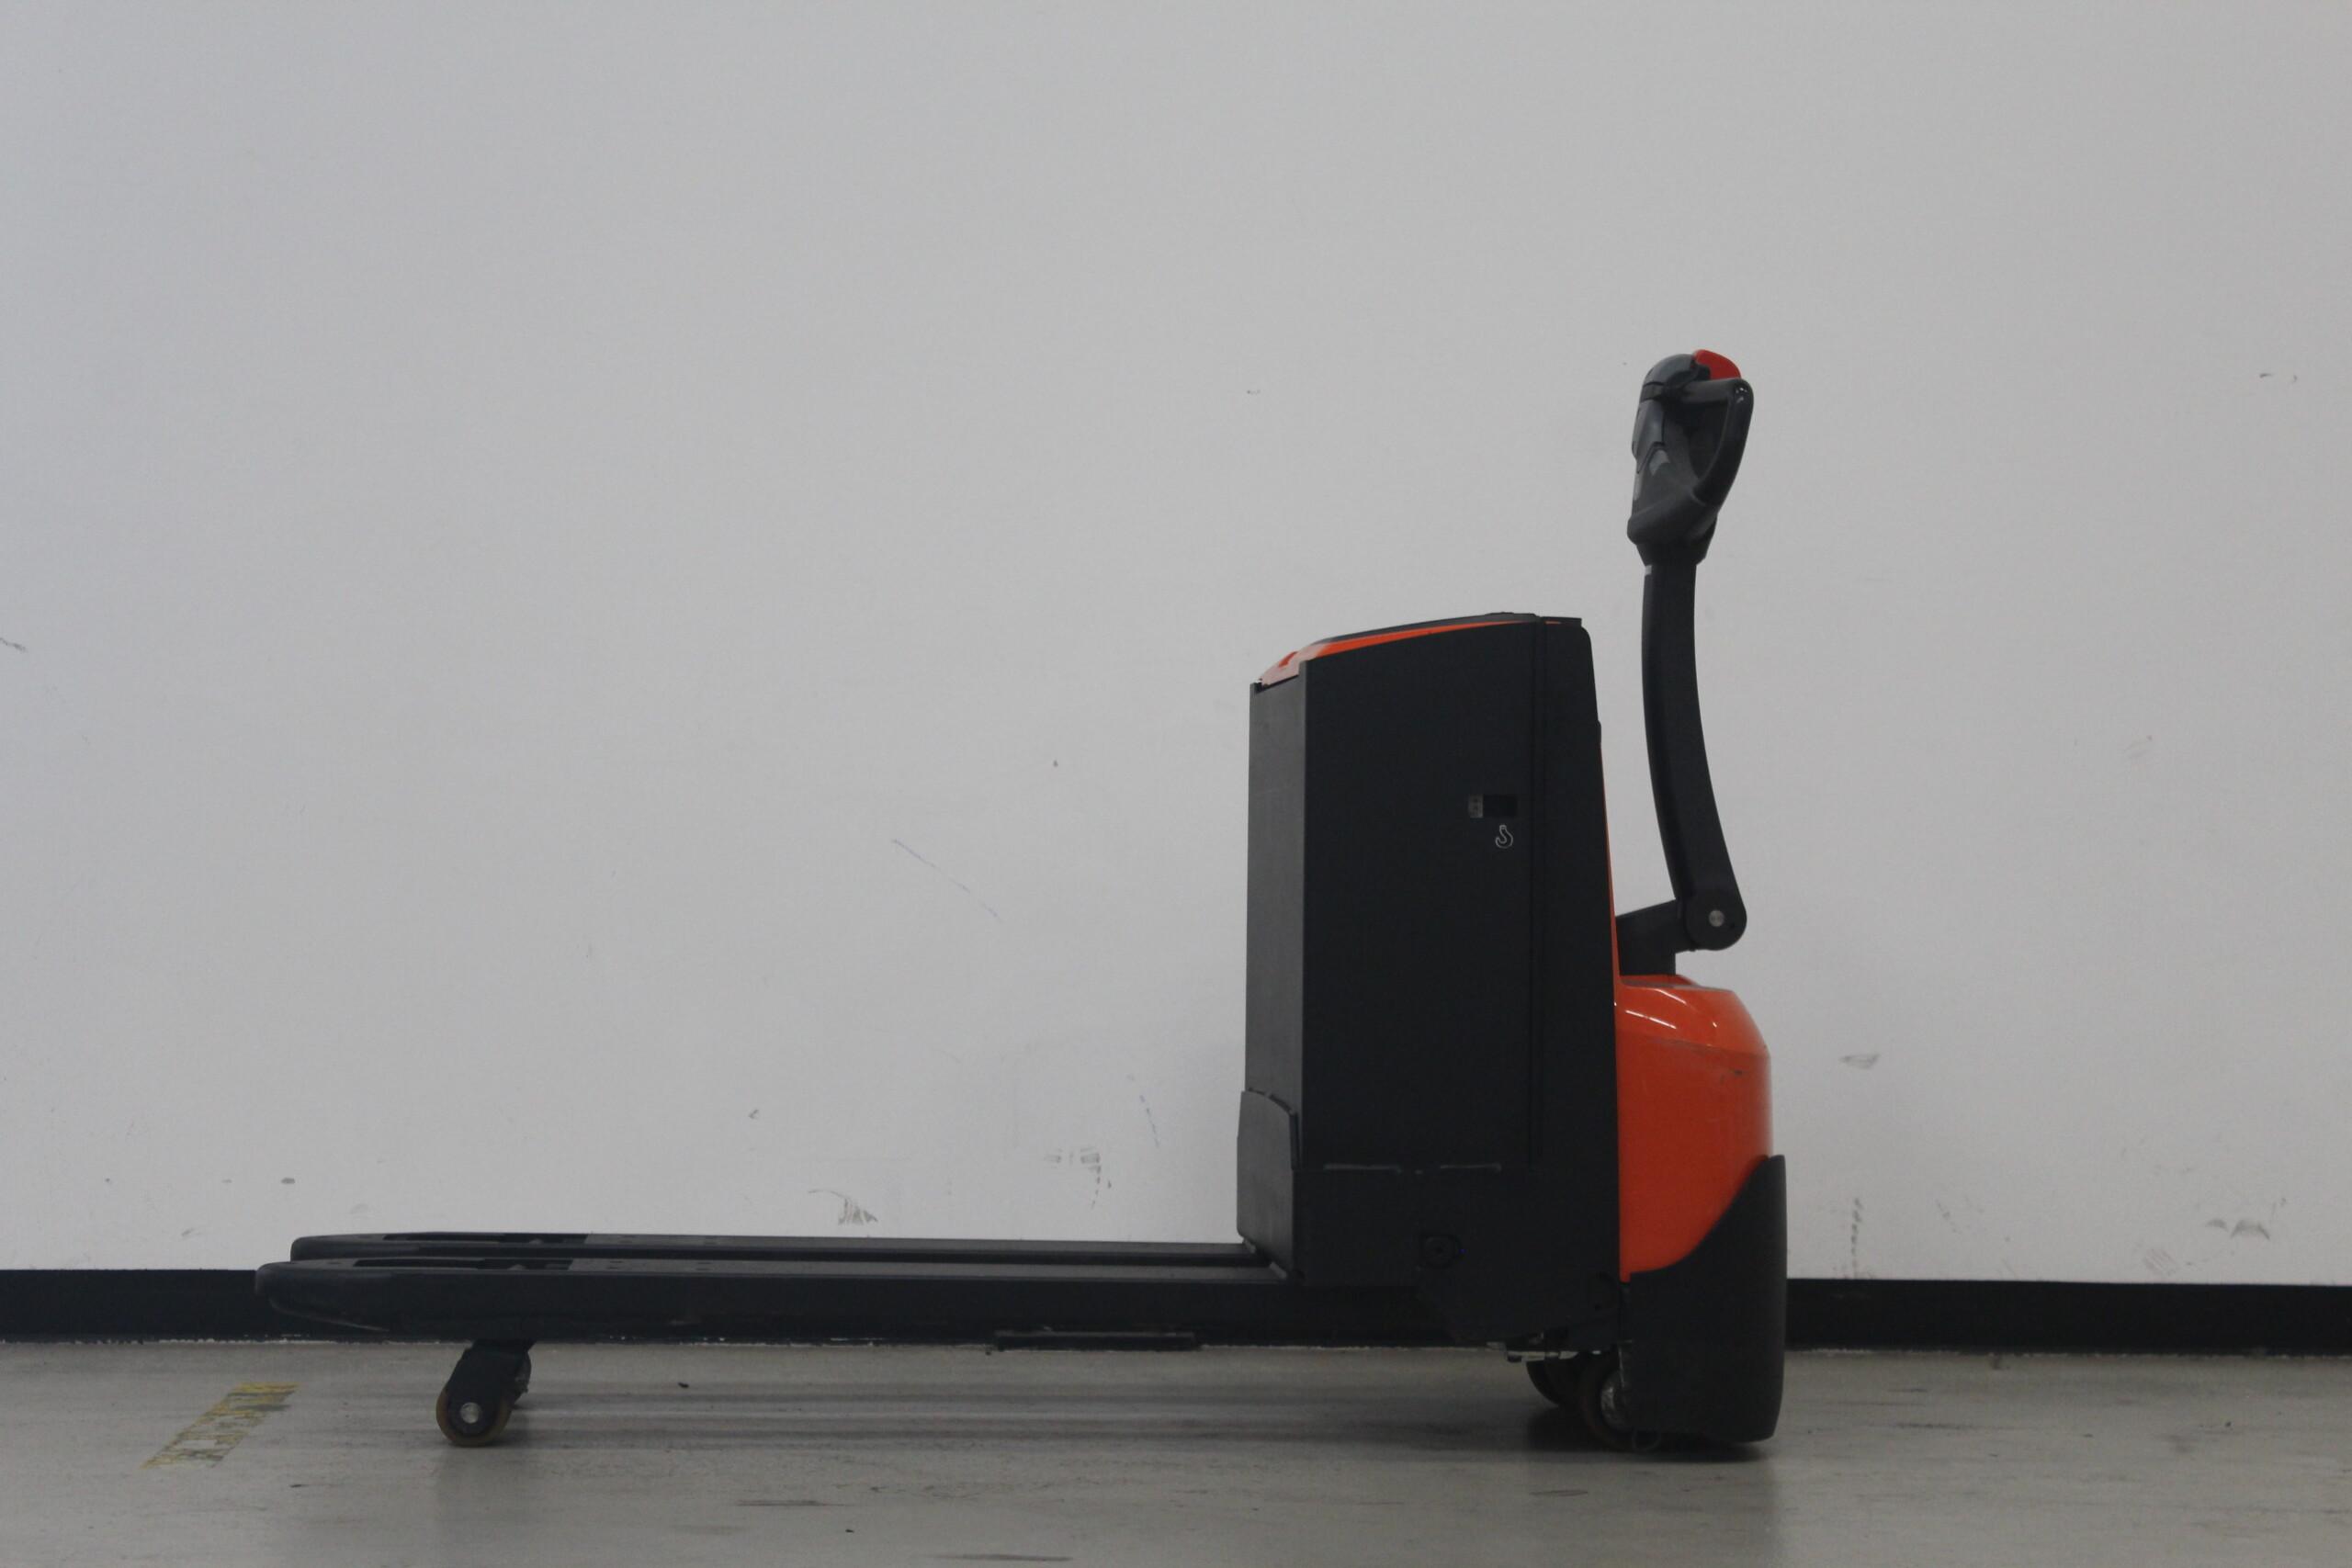 Toyota-Gabelstapler-59840 1610006816 1 4 scaled